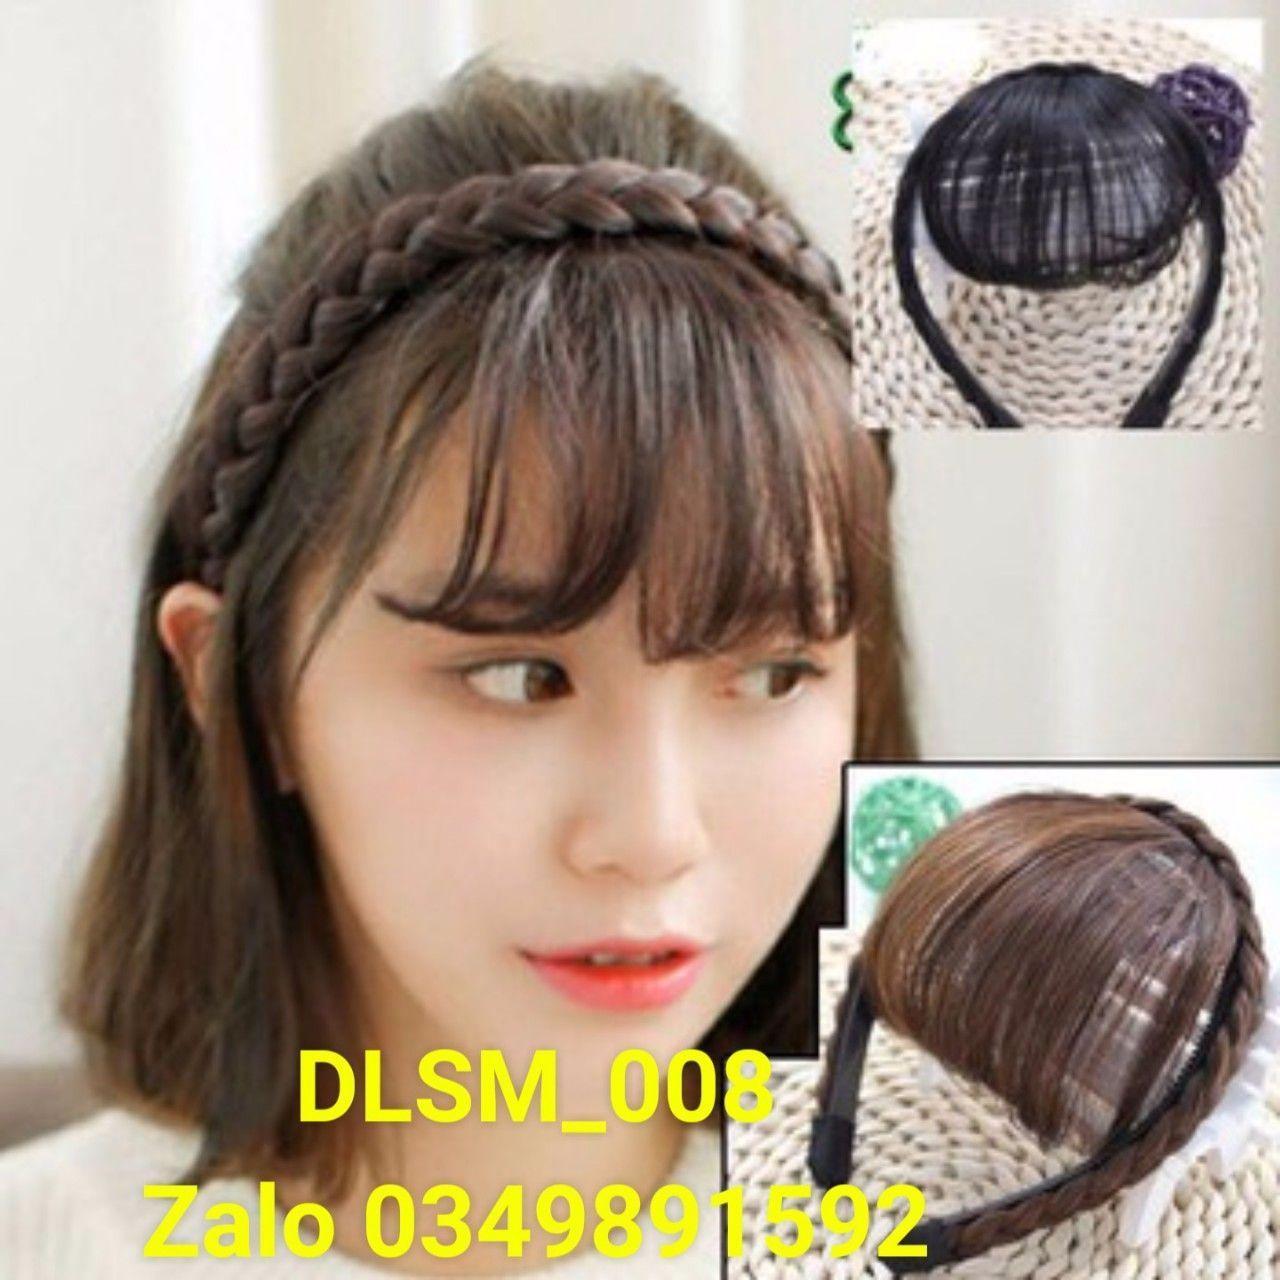 Mái thưa kết hợp cài tóc Hàn Quốc_DLSM_008